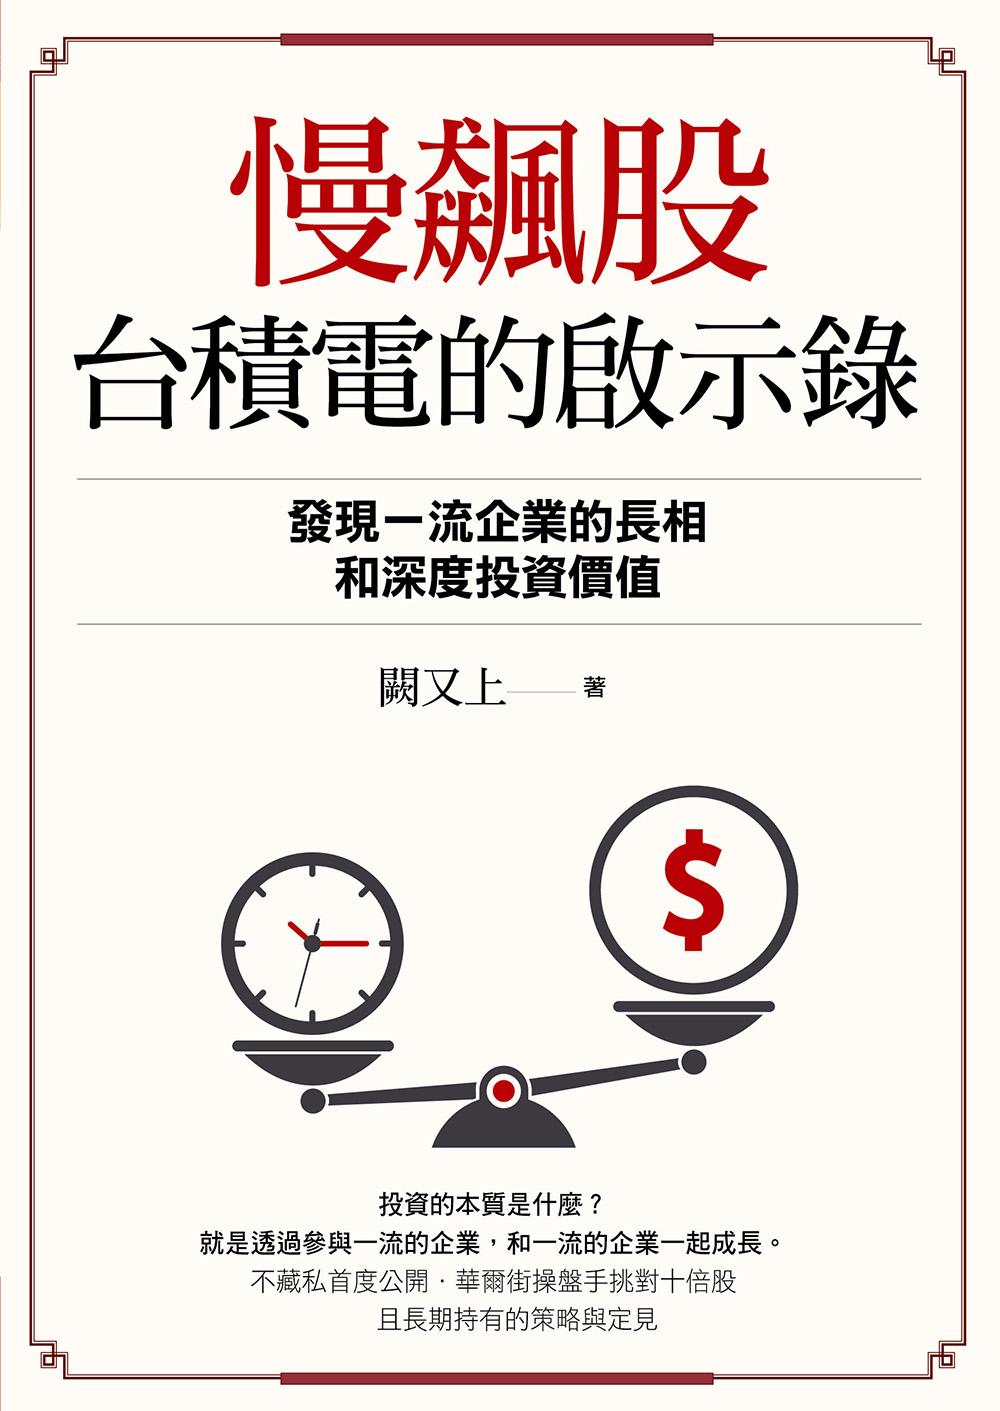 慢飆股台積電的啟示錄:發現一流企業的長相和深度投資價值 (電子書)